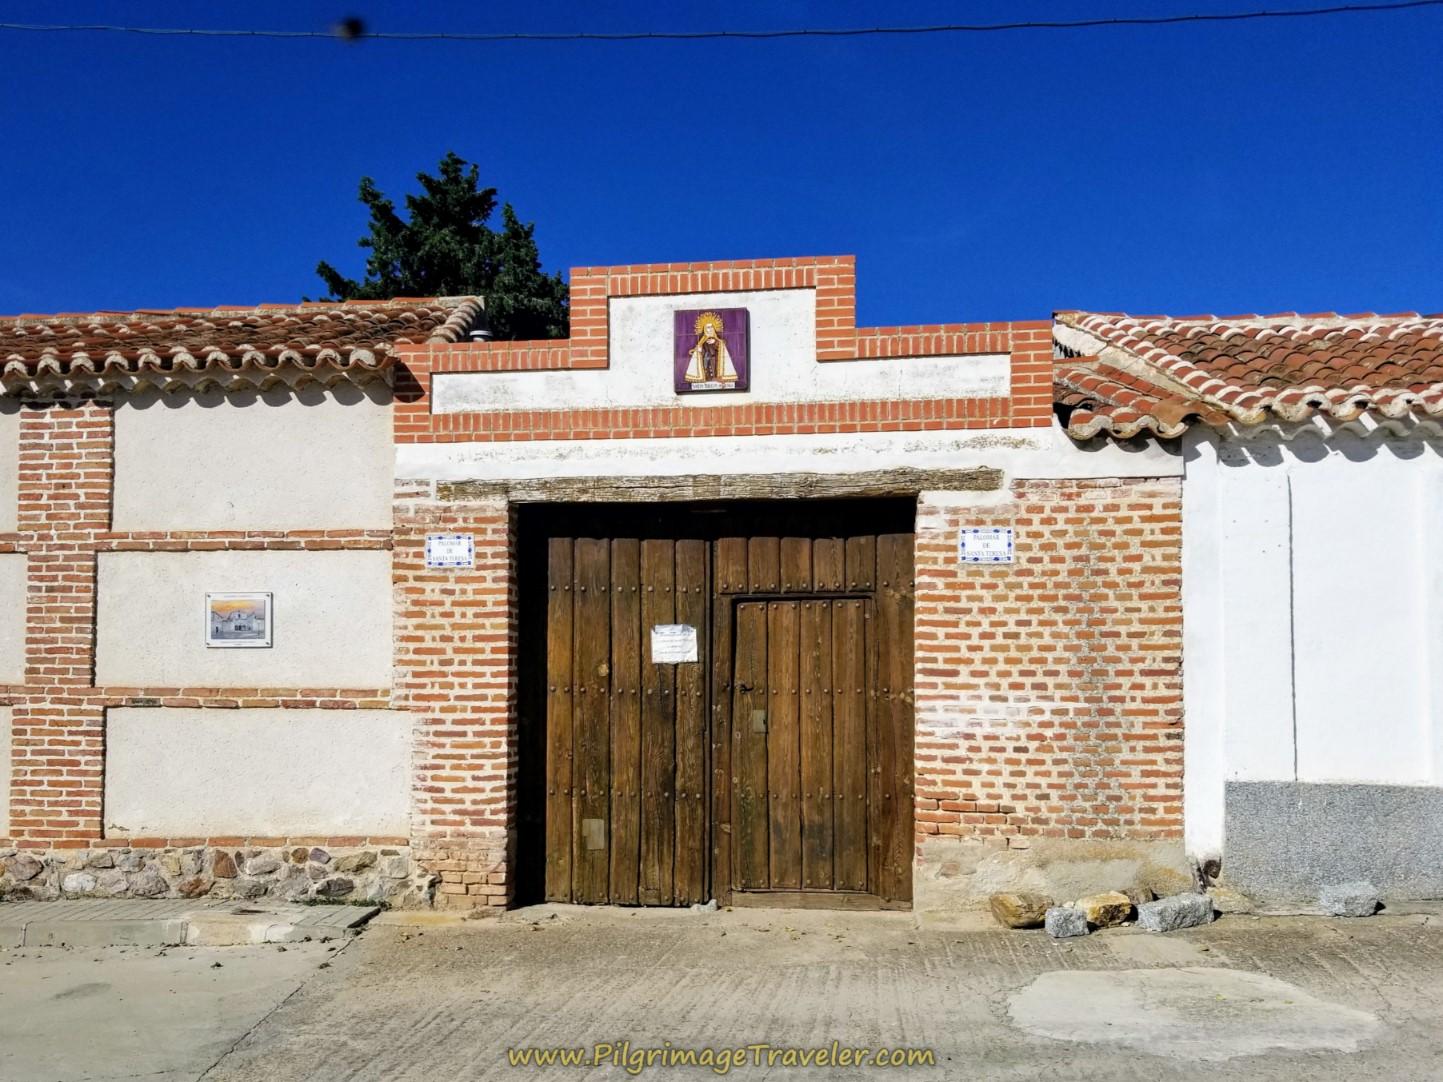 Palomar de Santa Teresa